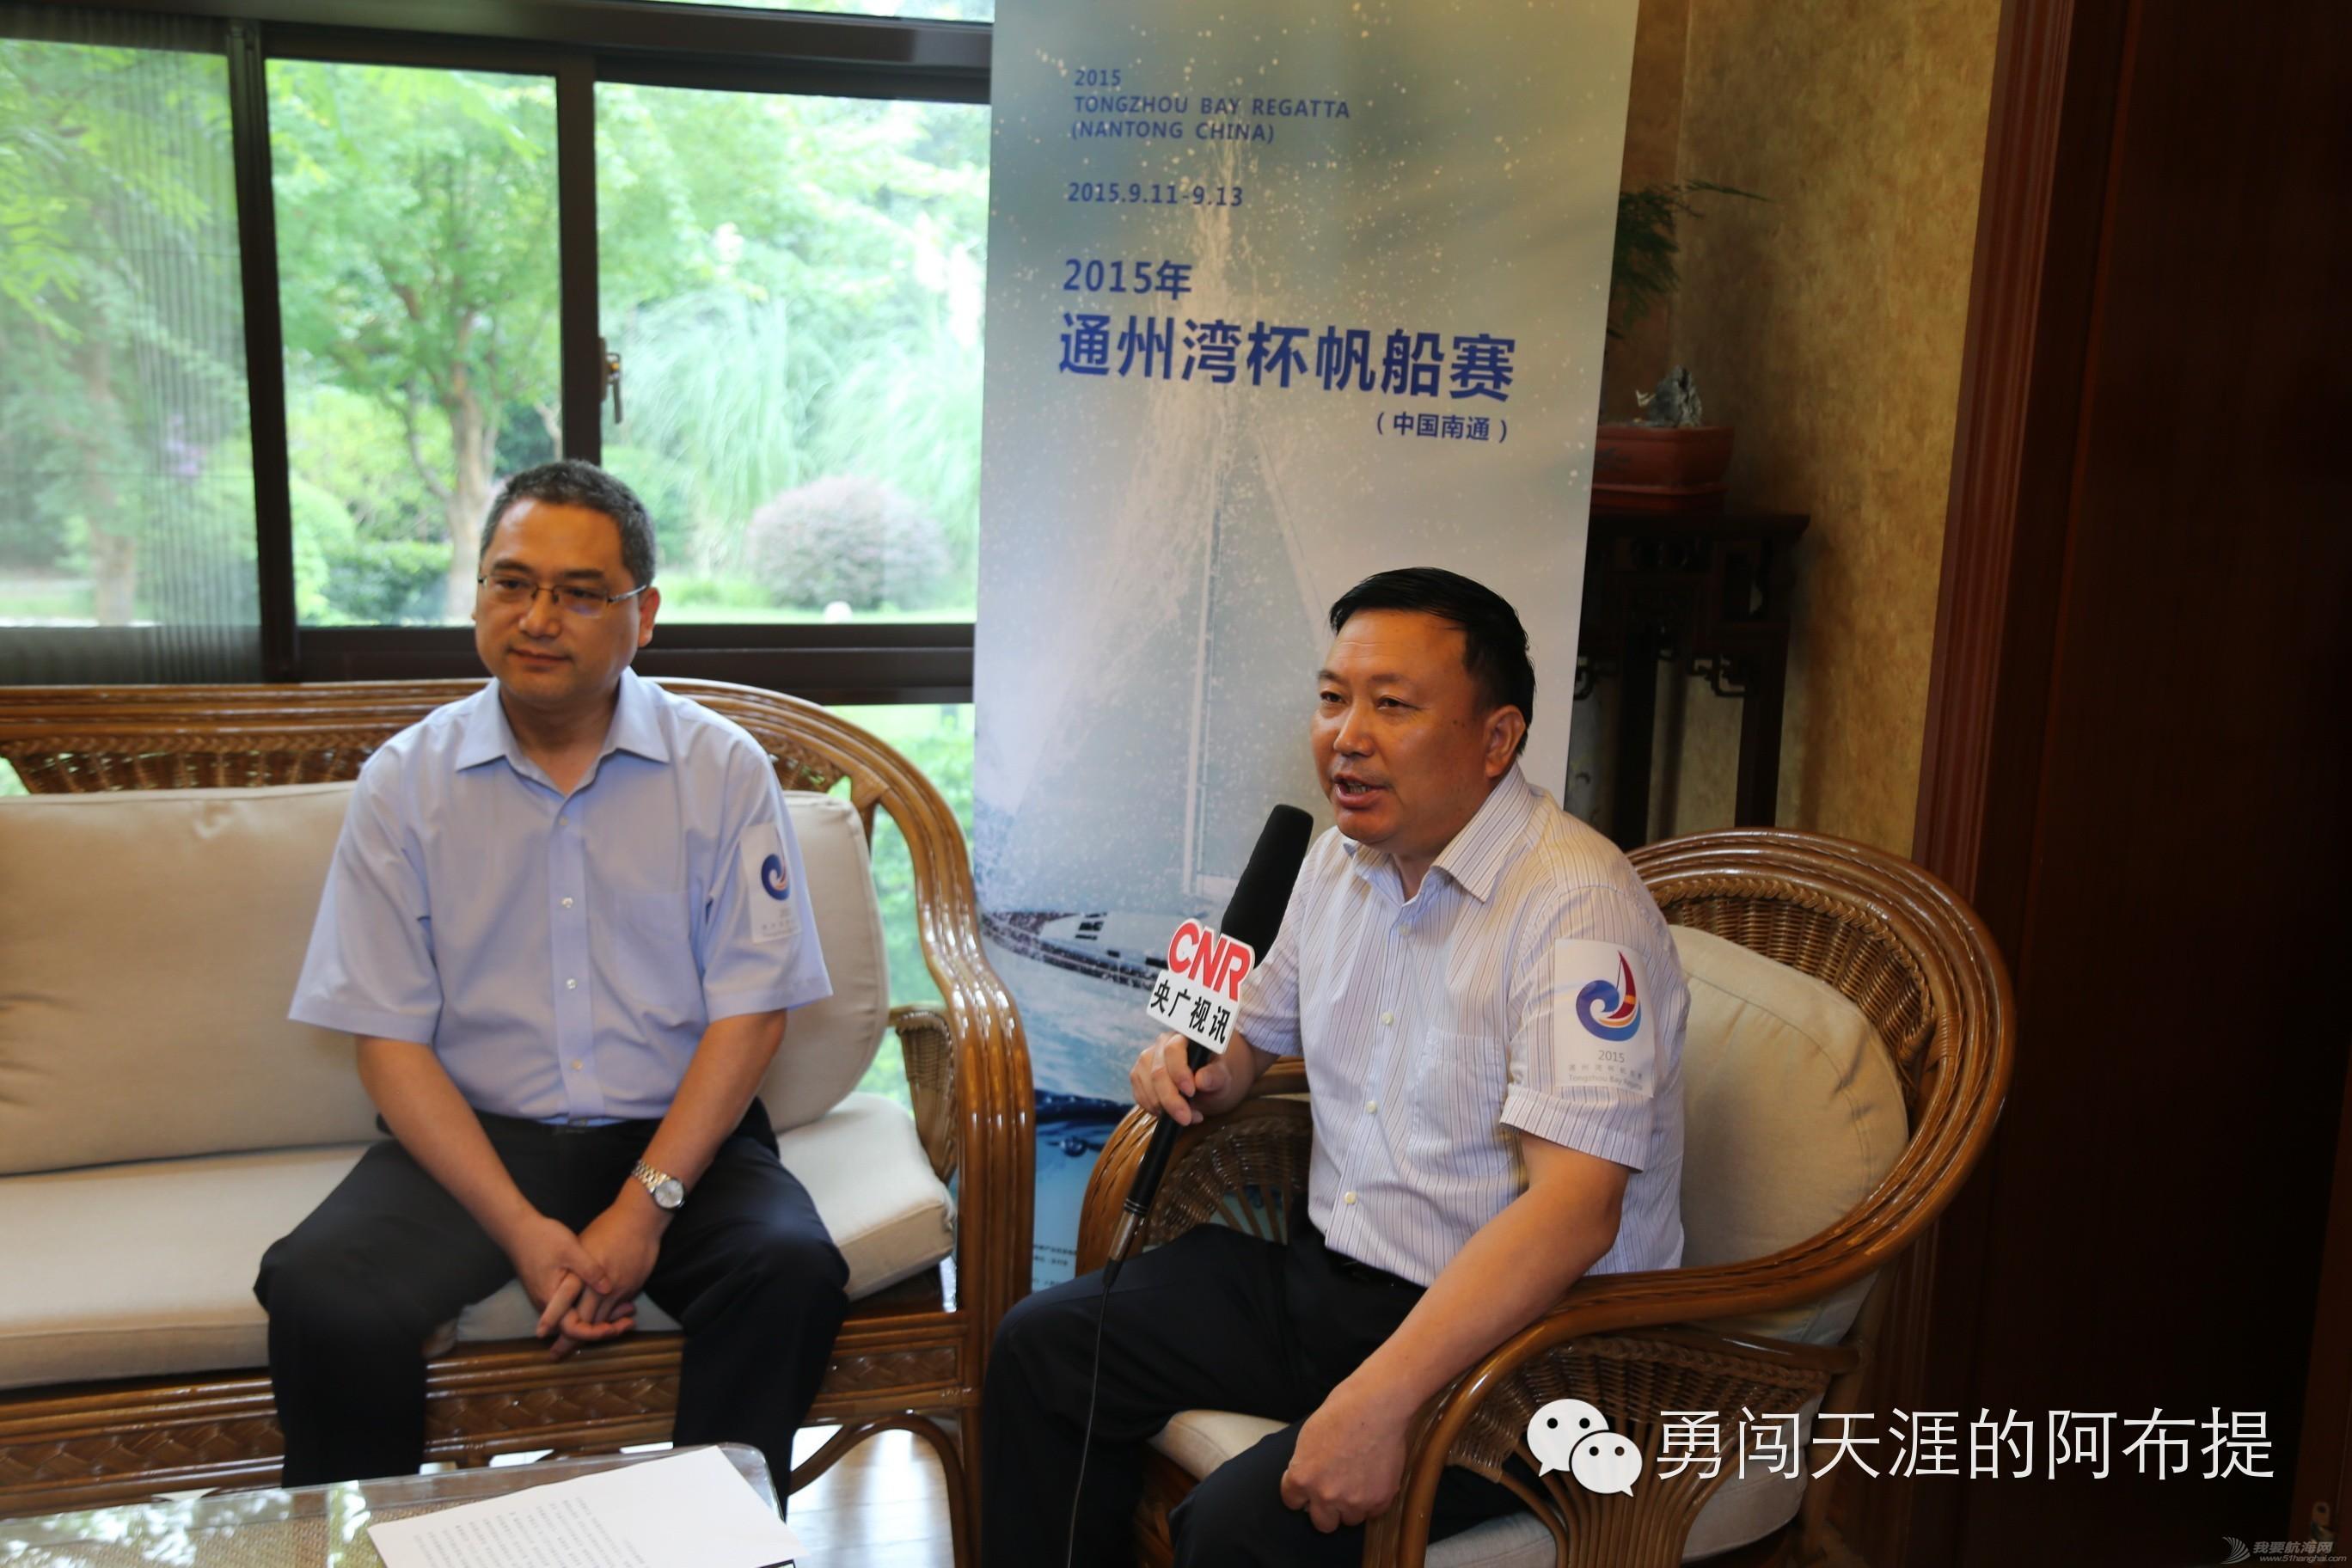 """新闻发布会,江苏省,水上运动,合作伙伴,示范区 """"通州湾杯""""帆船赛9月启航,带着支付宝出海。 f78f72df79c26b556169708a899b6918.jpg"""